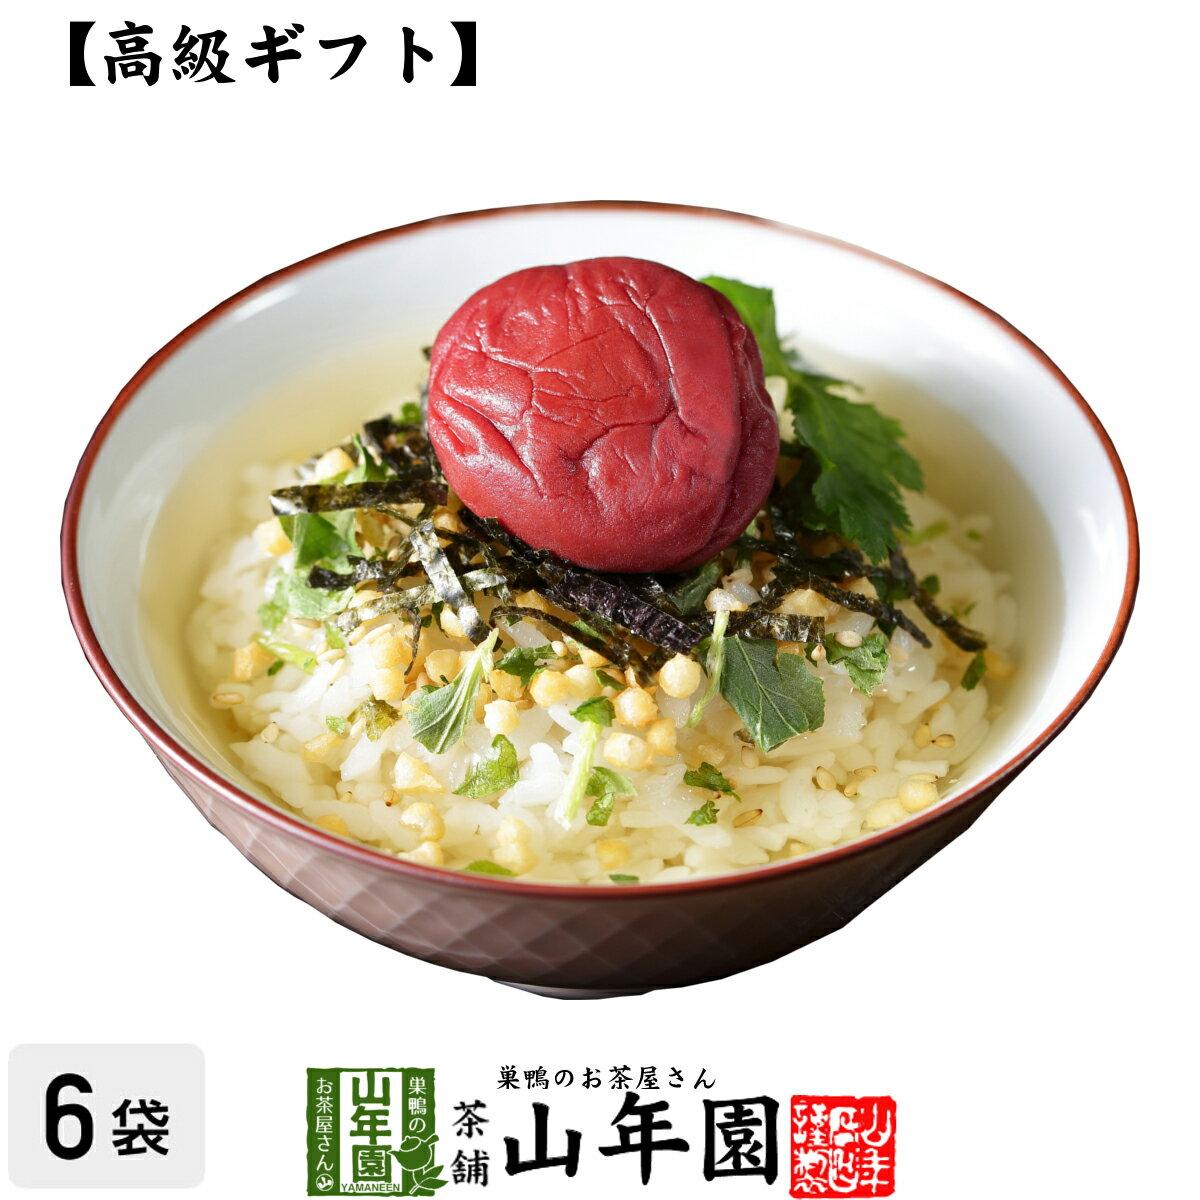 和風惣菜, お茶漬け  6 2020